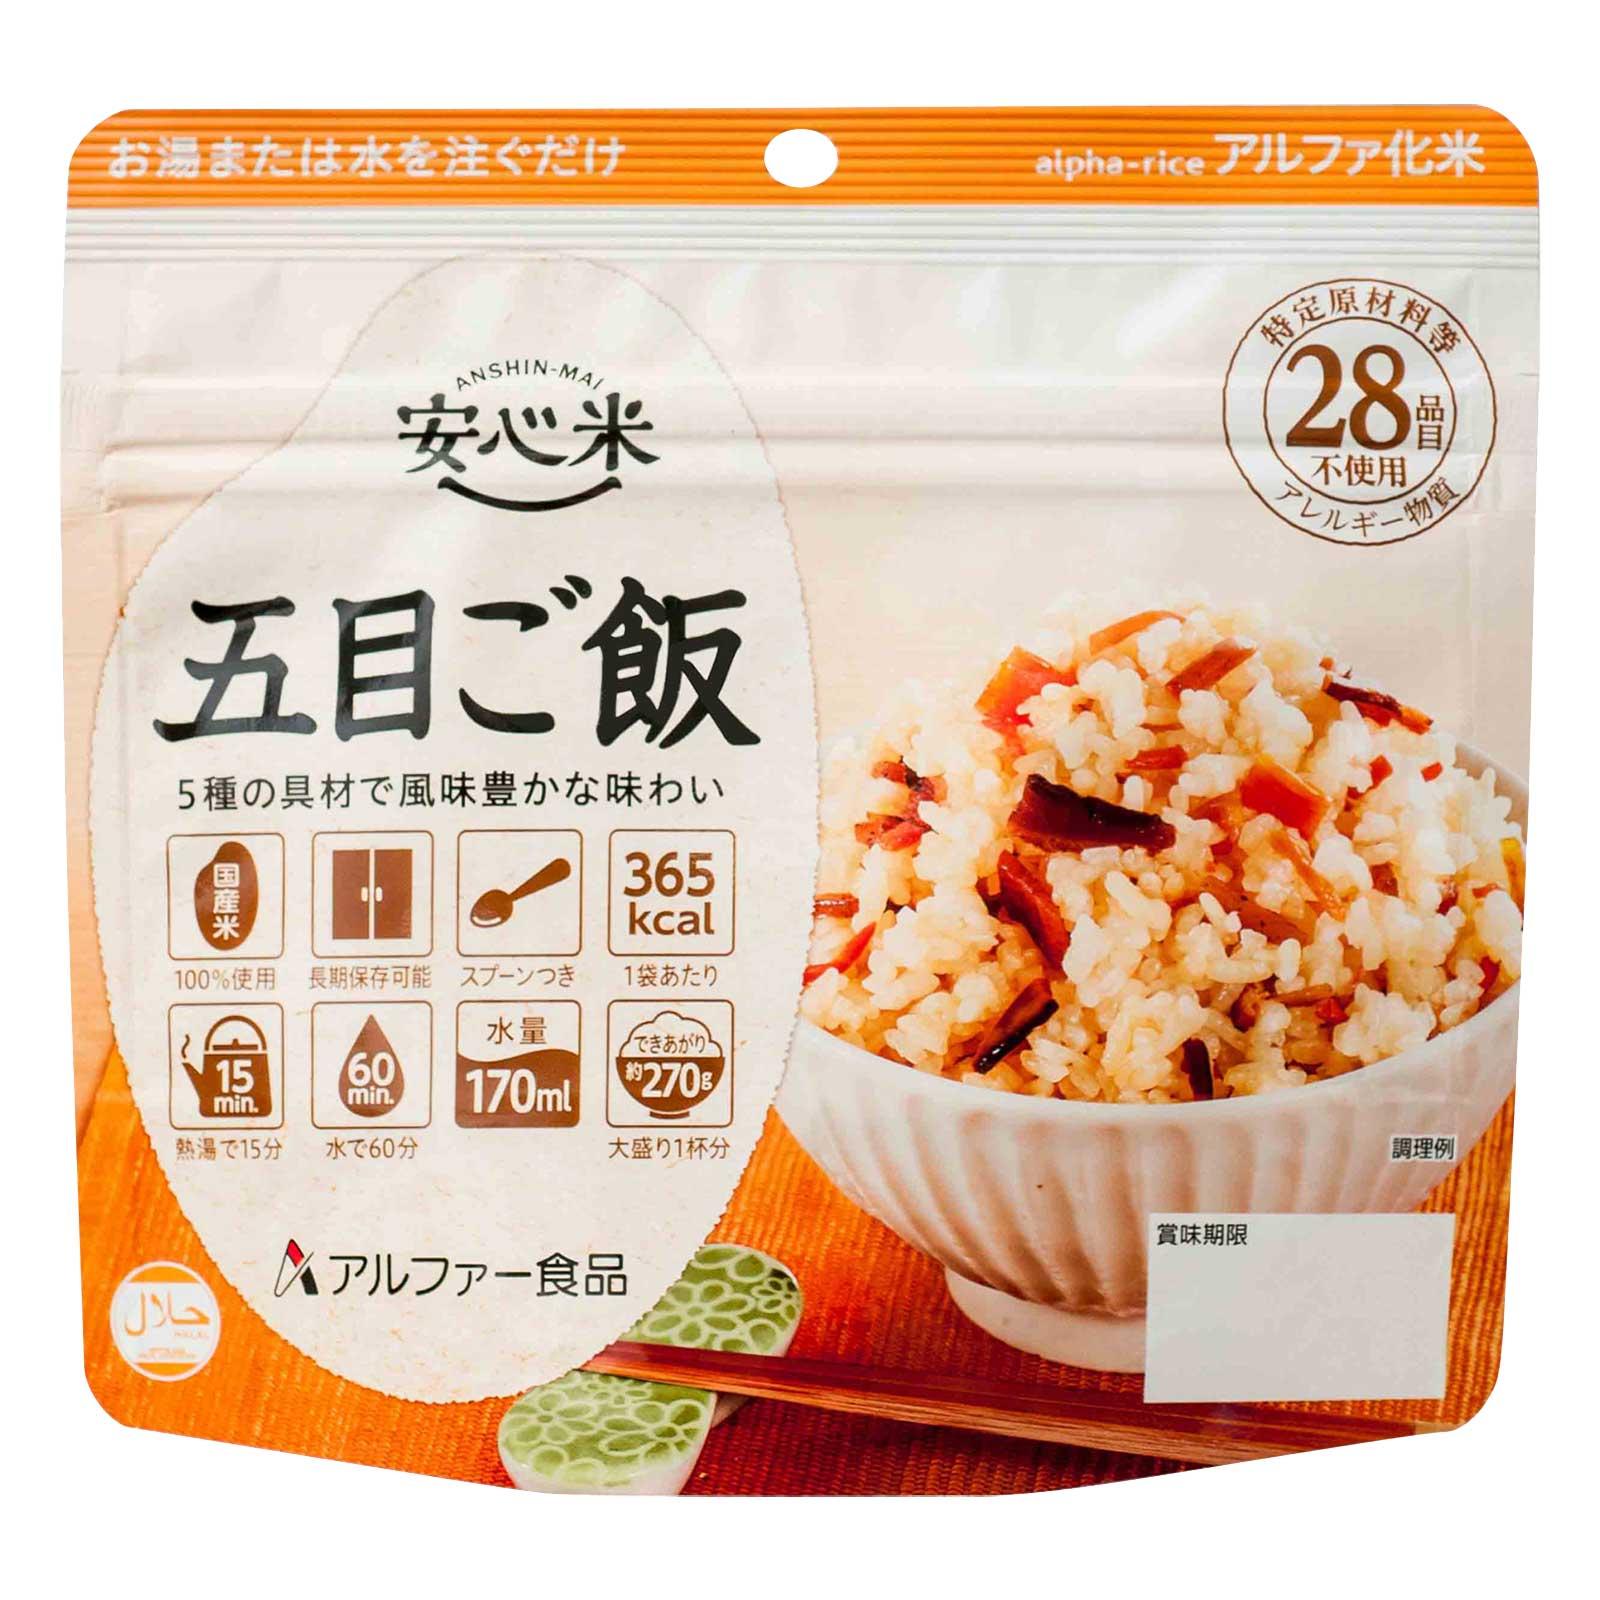 安心米(アルファ化米)個食 五目ご飯画像